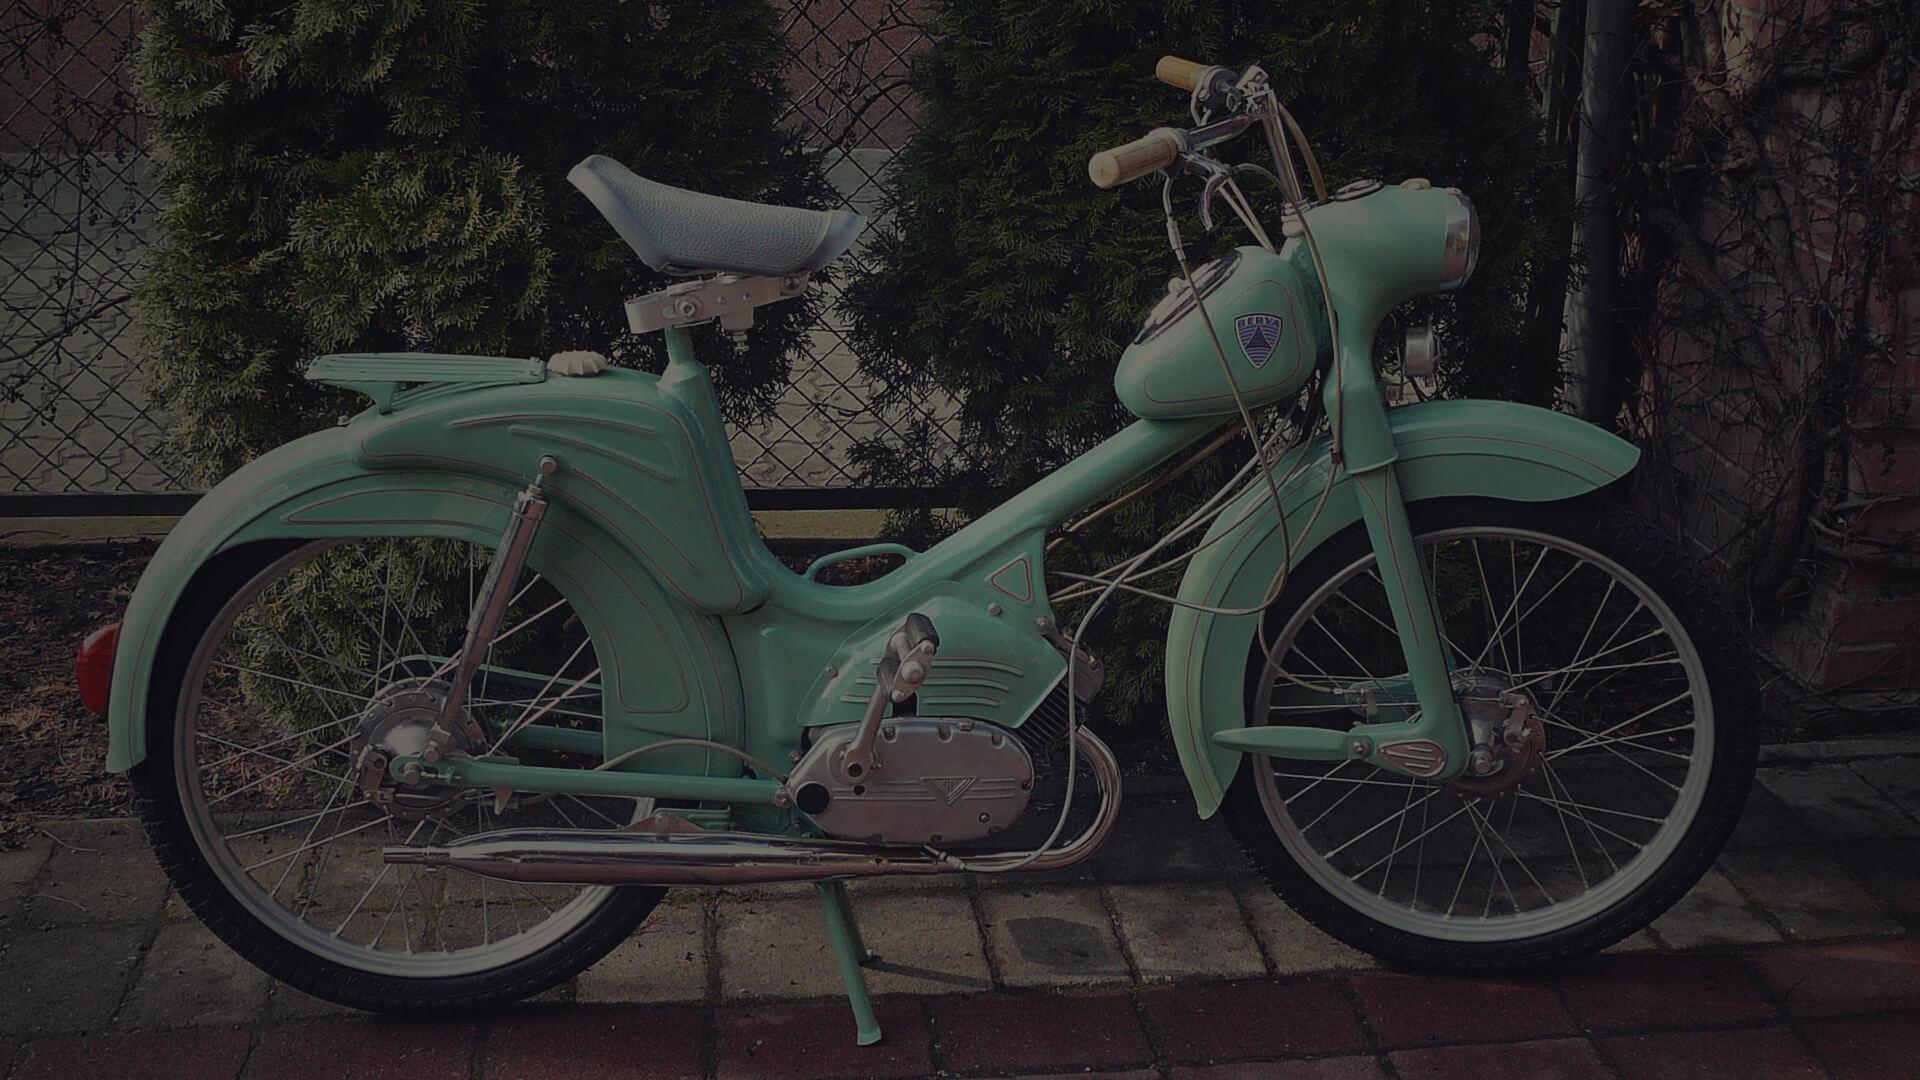 BERVA moped, 49 cc, 1961